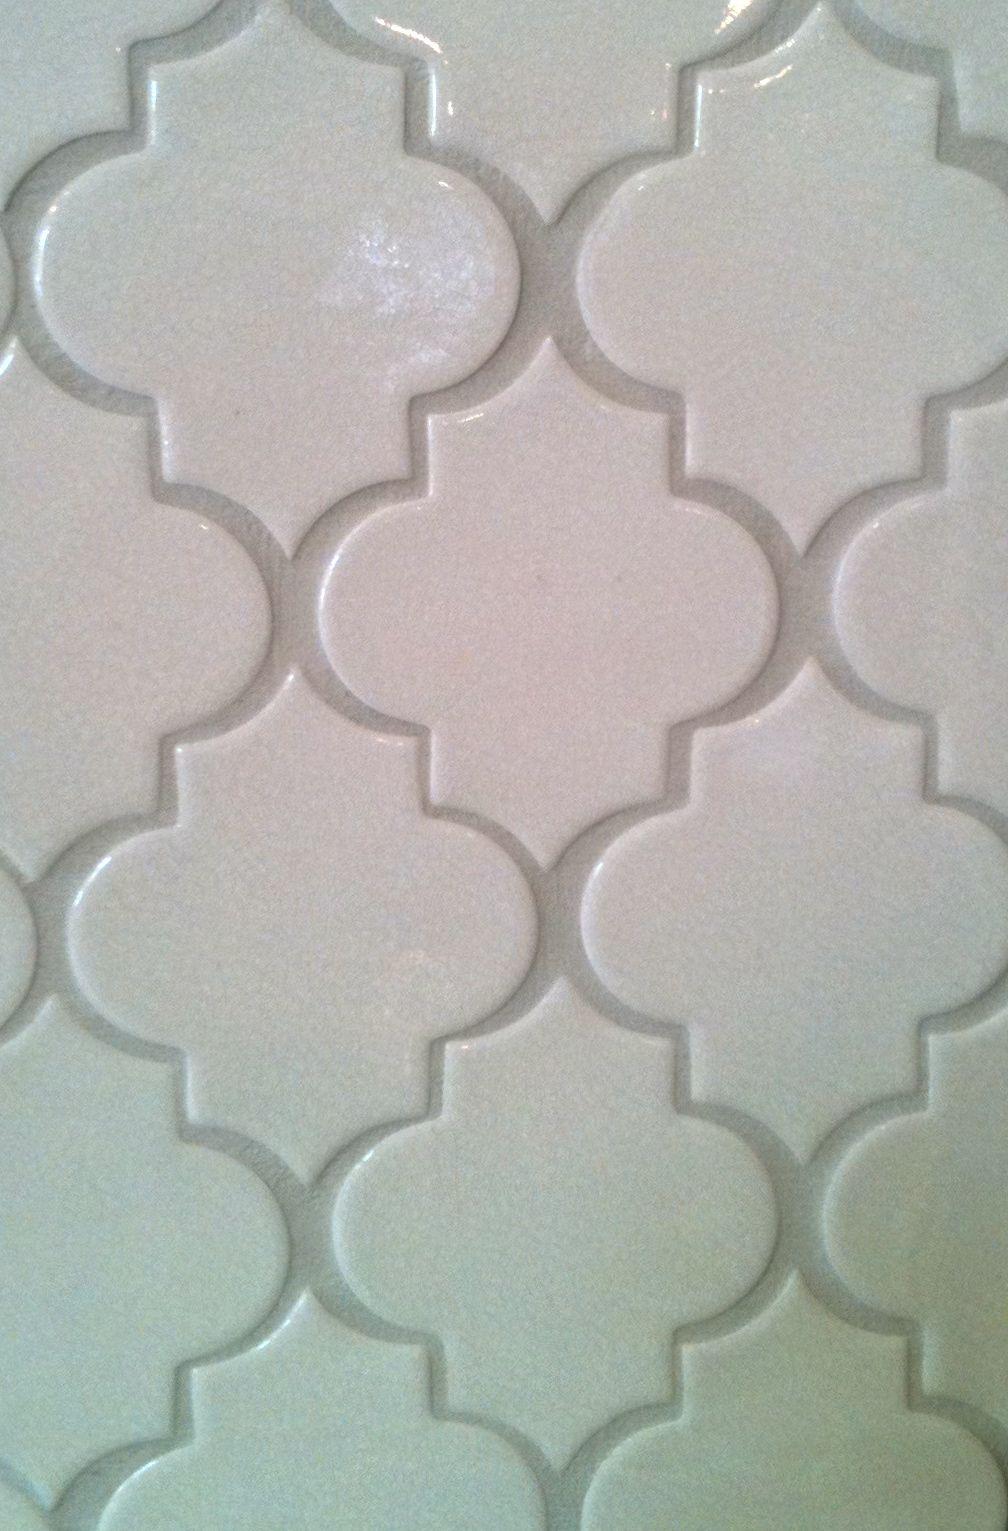 Ogee Tile From Fireclay Tile Pinterest